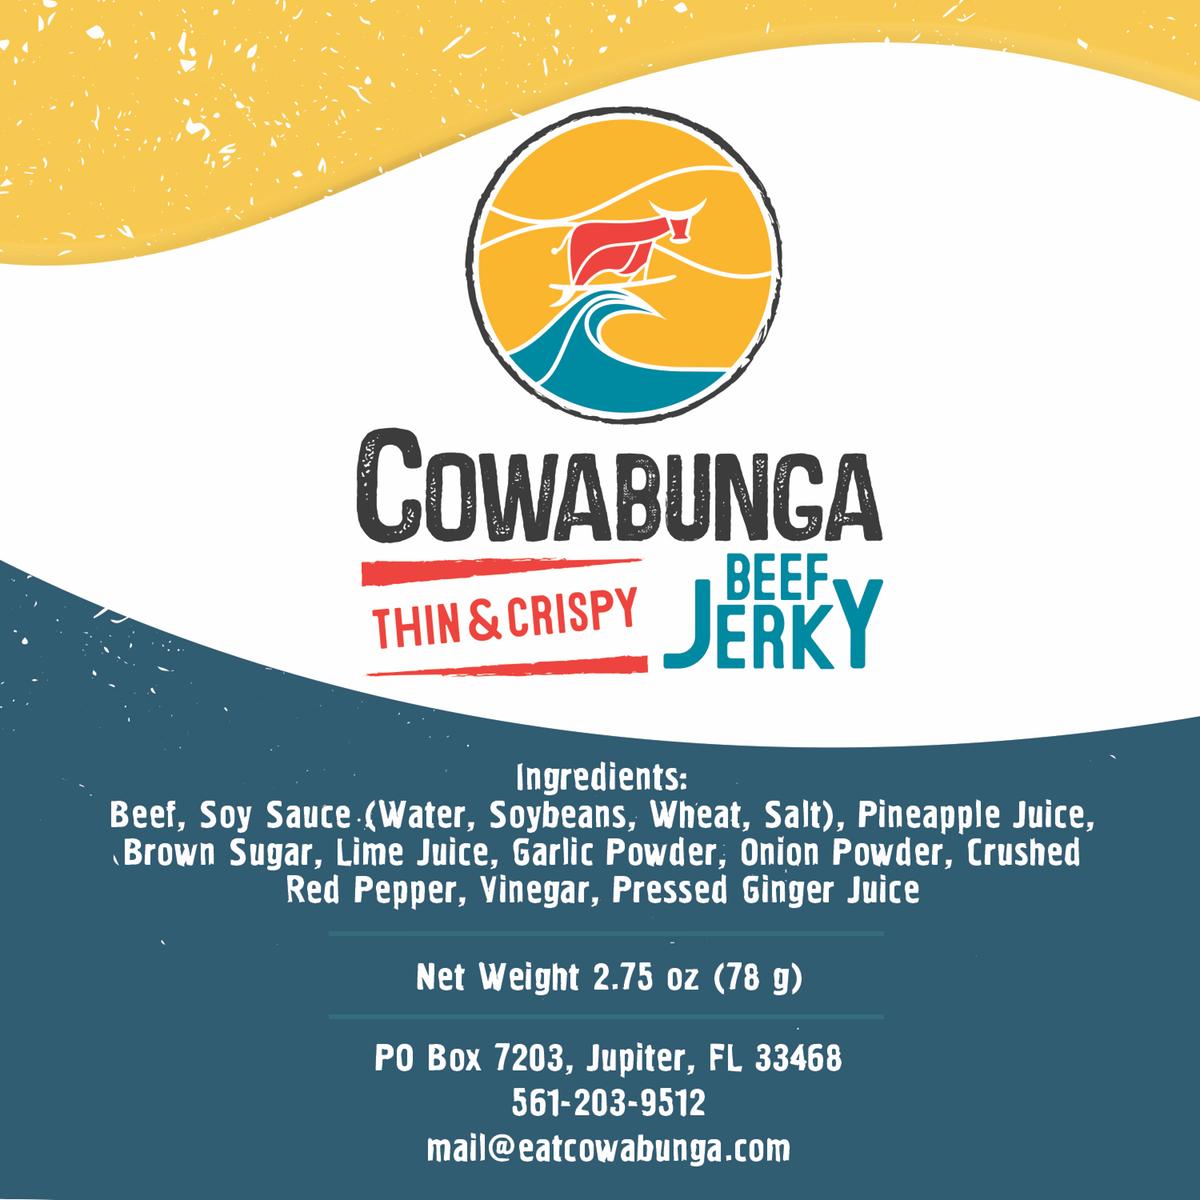 Cowabunga Beef Jerky farmer market label